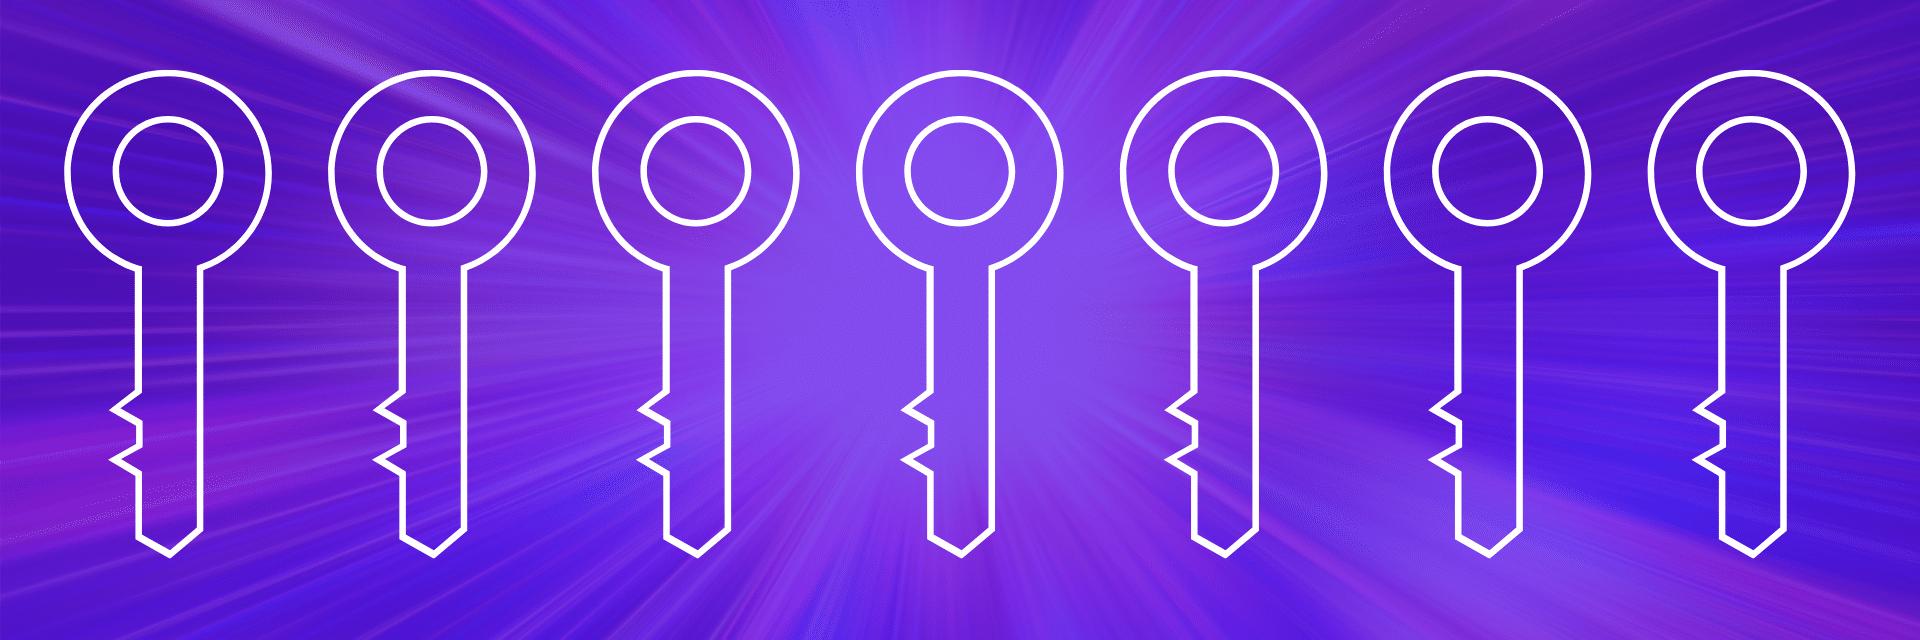 seven keys on purple background